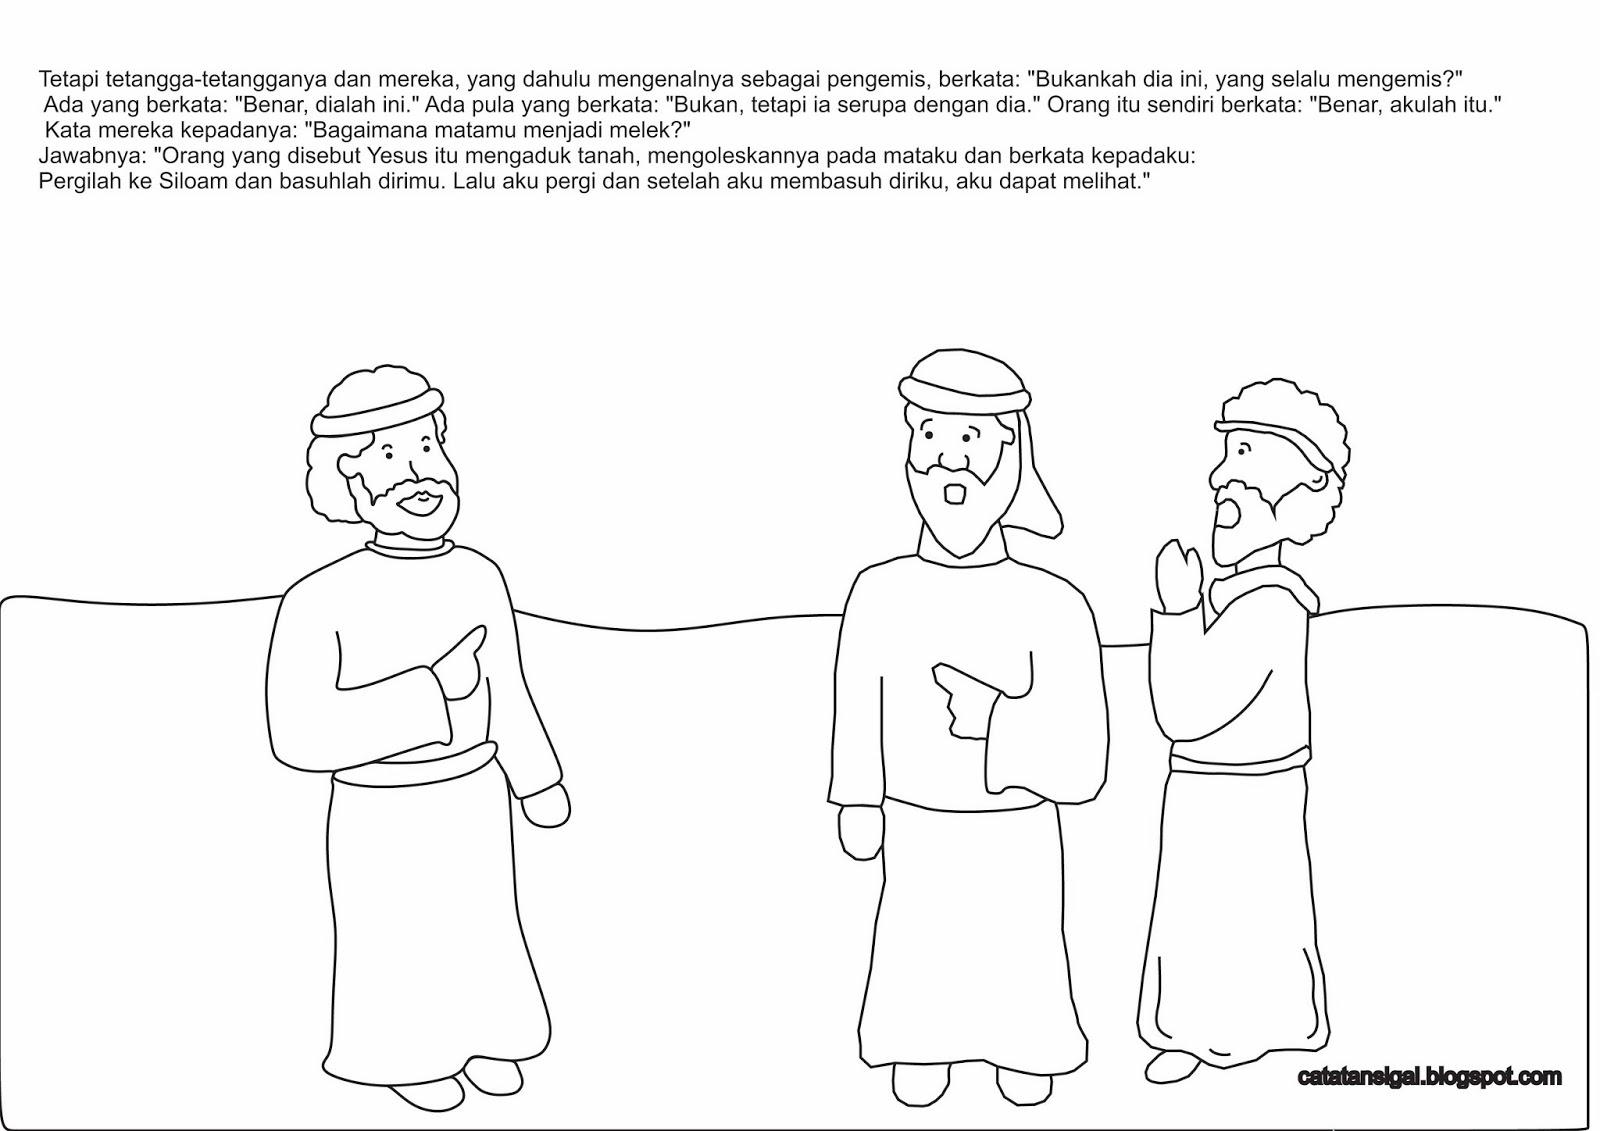 Mewarnai Gambar Yesus Menyembuhkan Orang Buta cerita bergambar Berwarna · kreativitas Yesus menyembuhkan orang buta